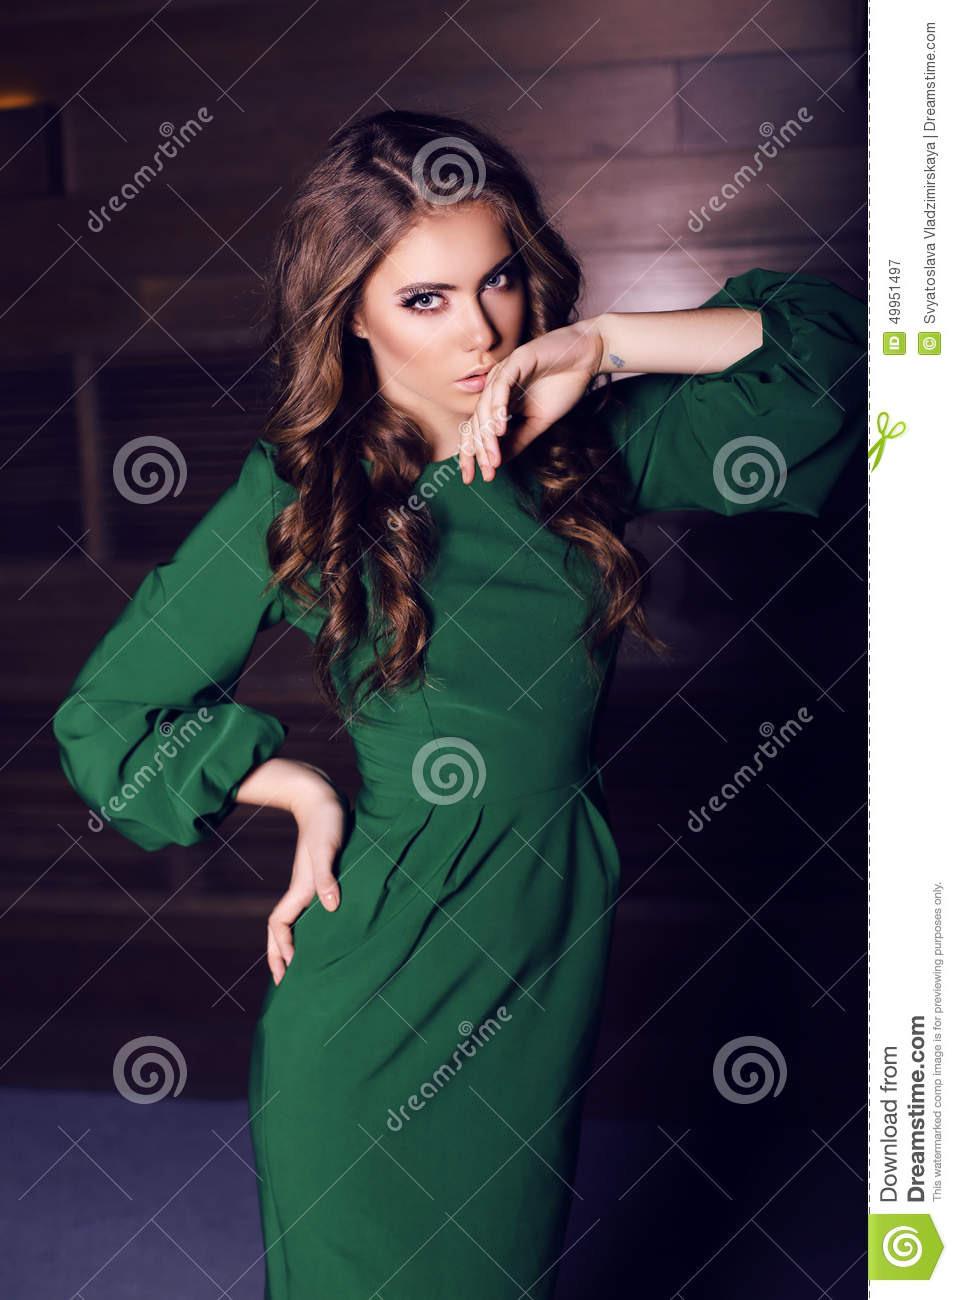 10 Genial Elegantes Grünes Kleid für 201913 Einfach Elegantes Grünes Kleid Boutique